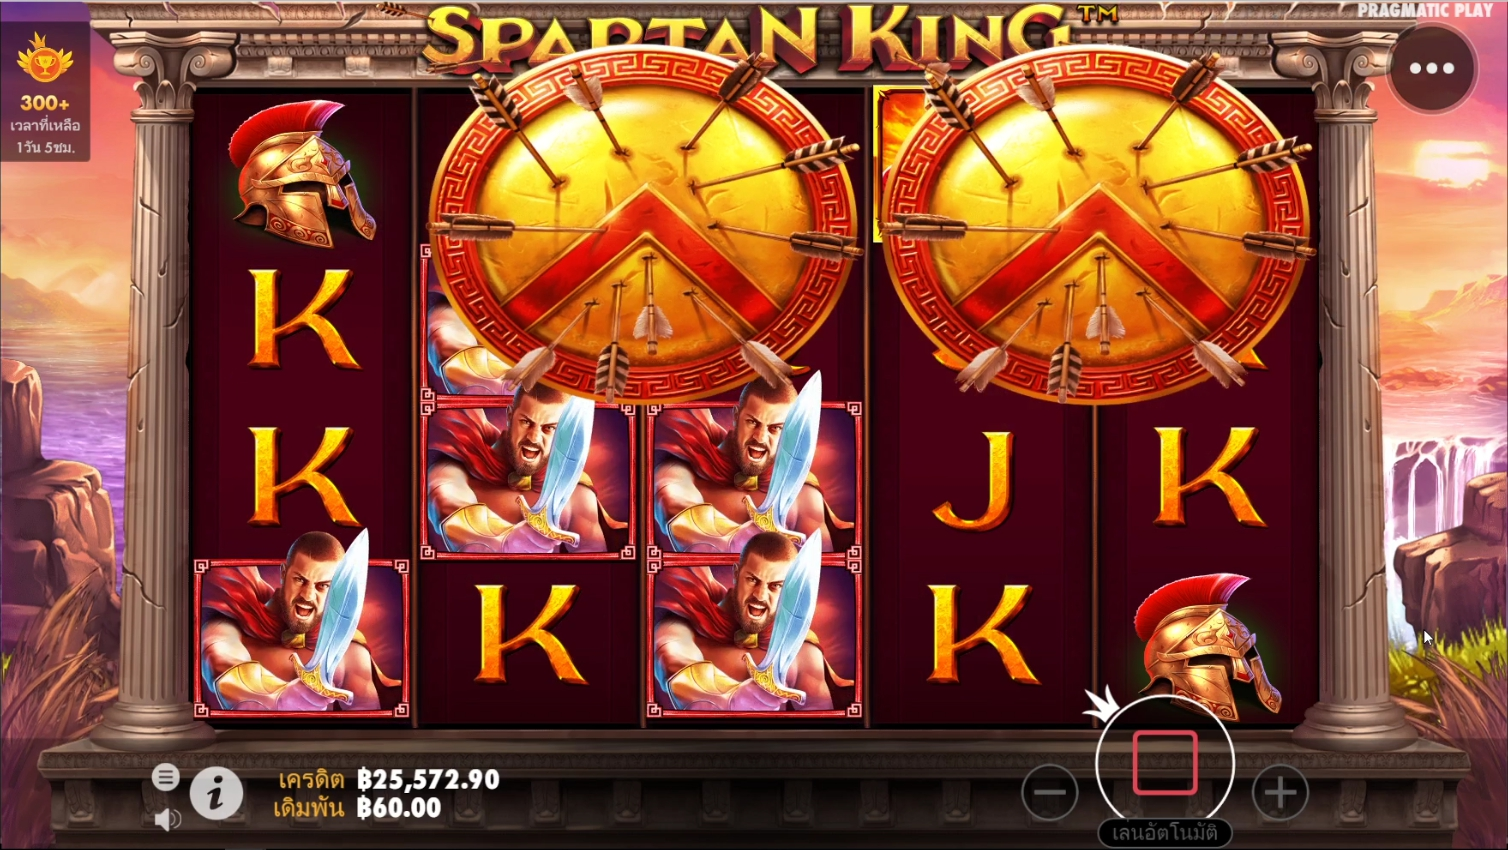 Spartan King